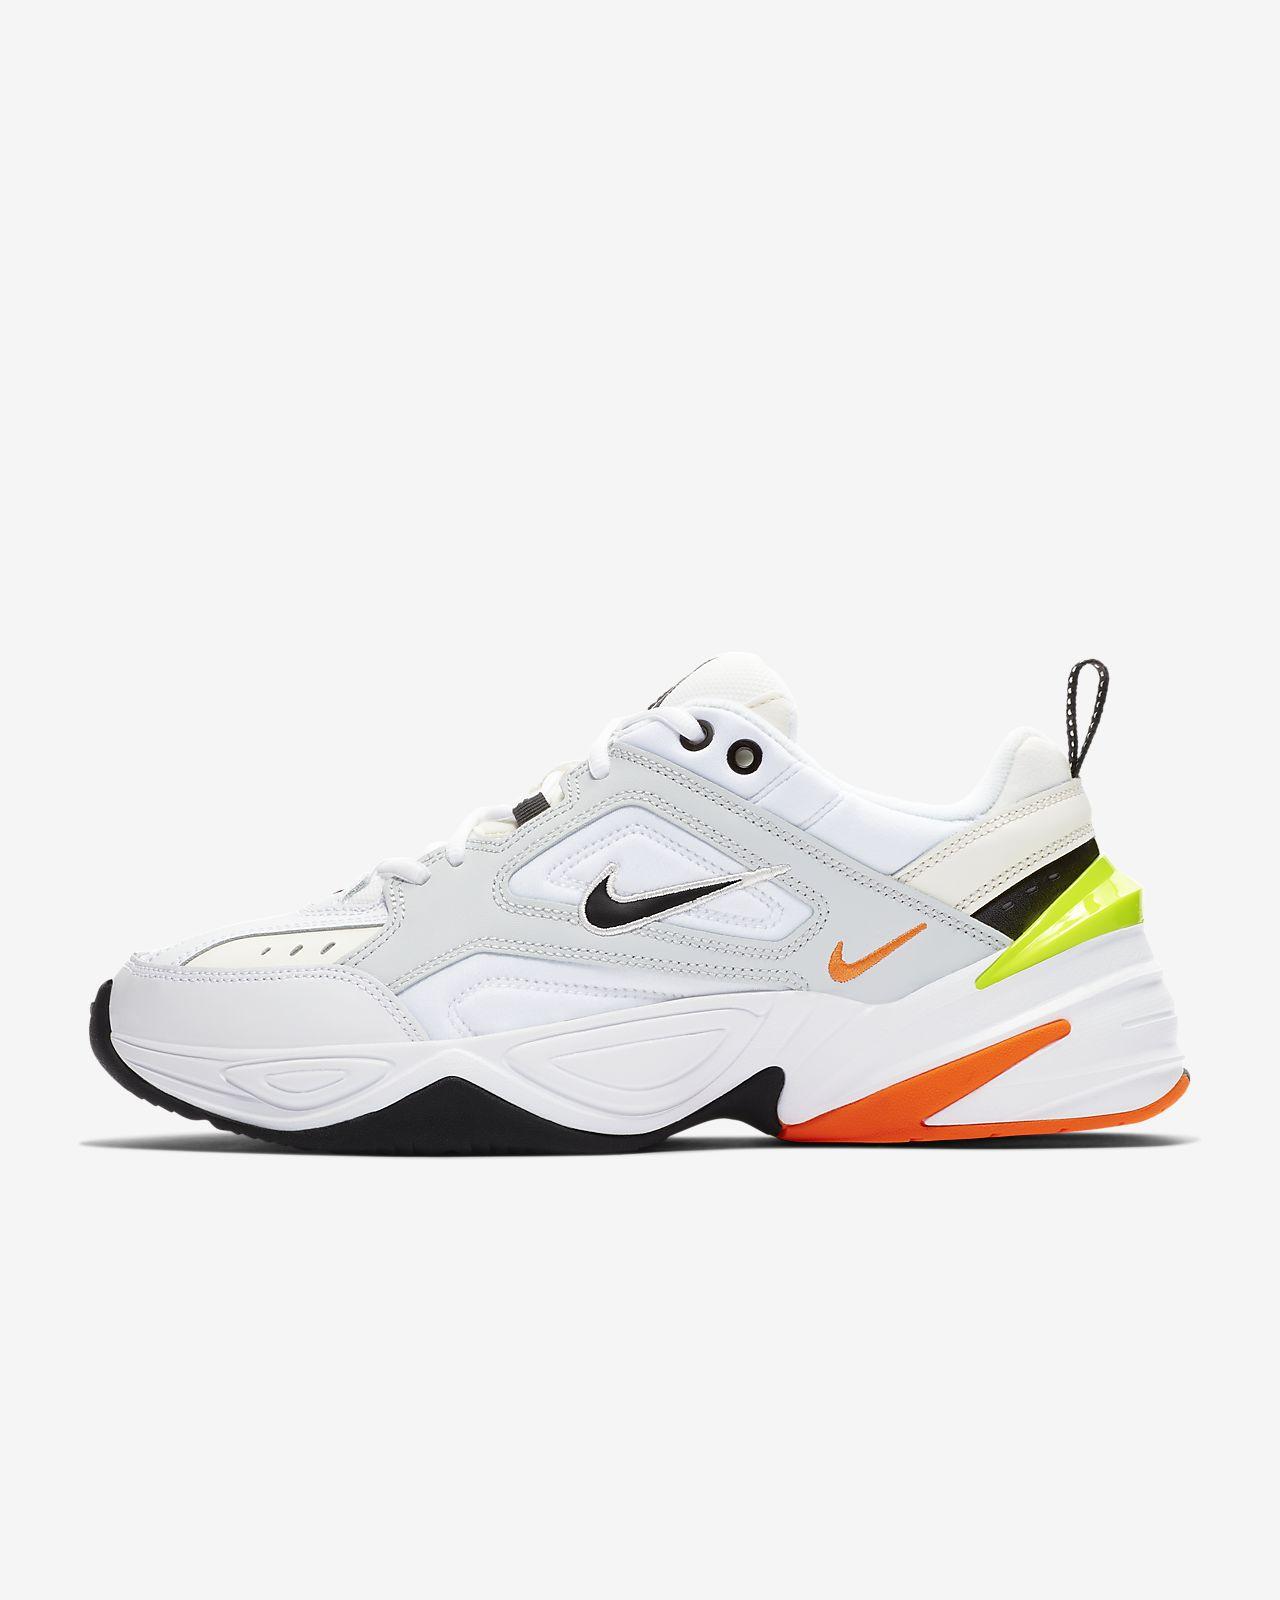 wholesale dealer 4c71e 56829 ... Sko Nike M2K Tekno för män